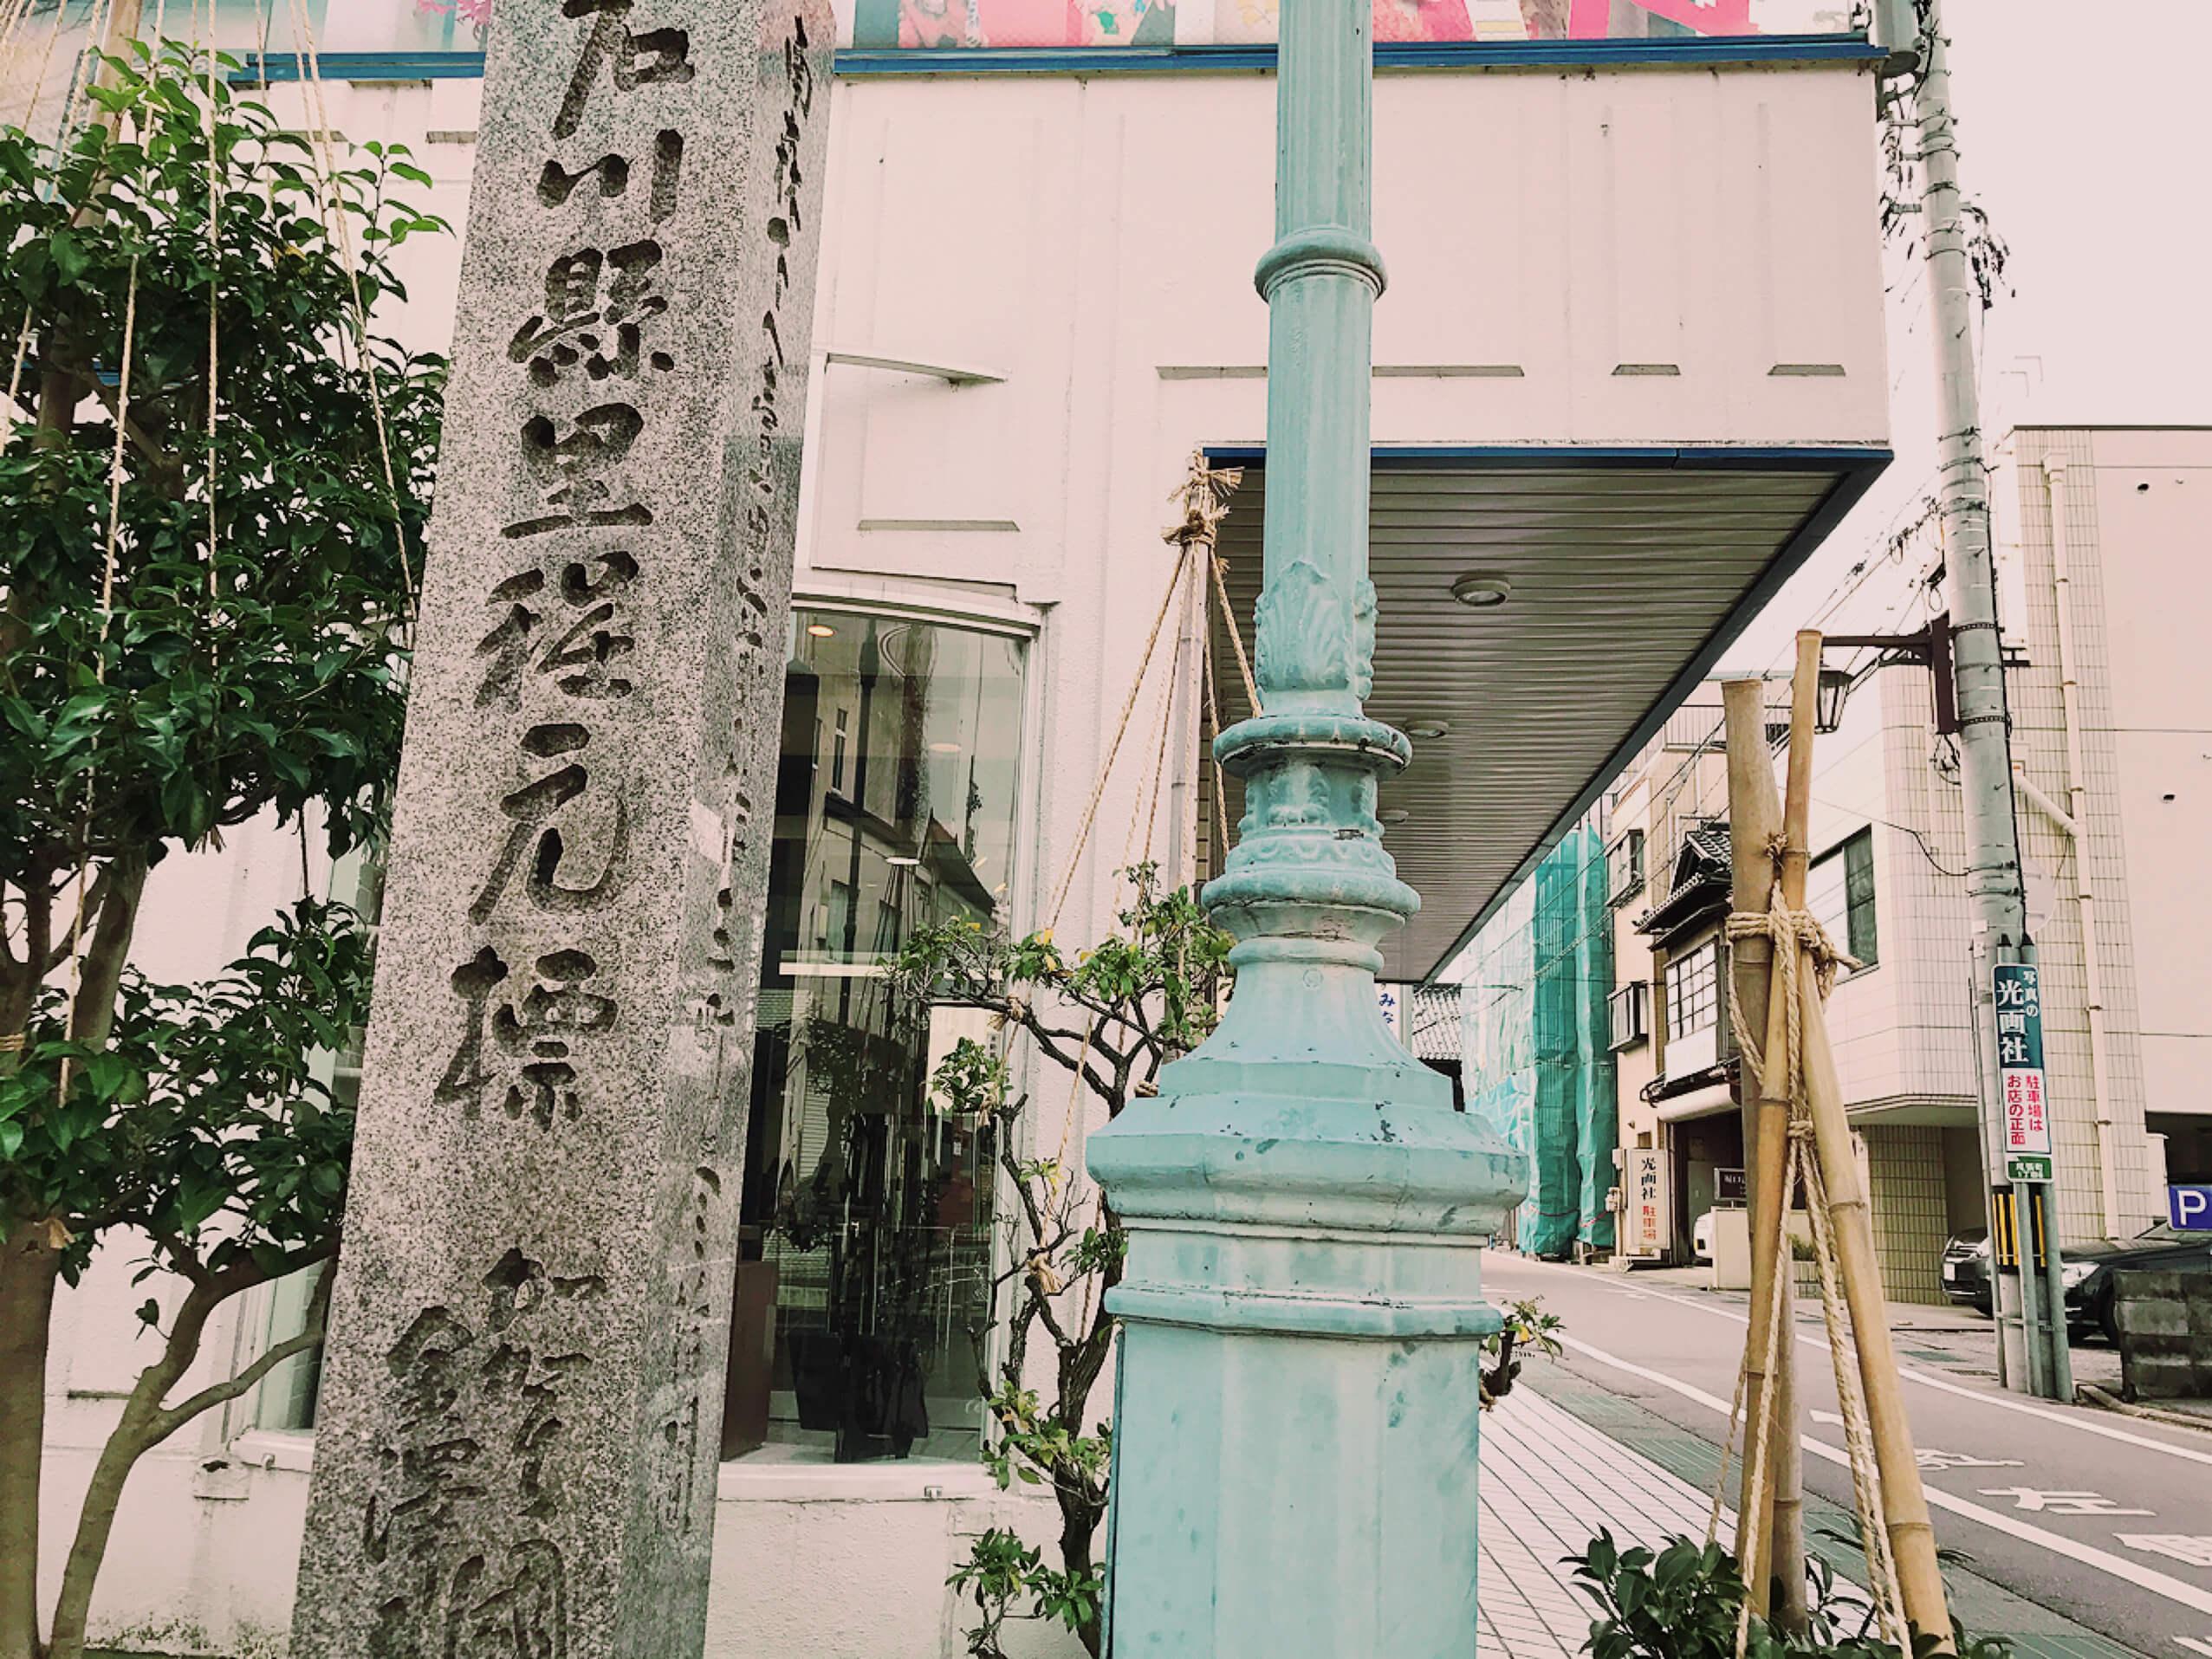 石川県から各地へ向かうスタート地点、「枯木橋」が地味にスゴイ!